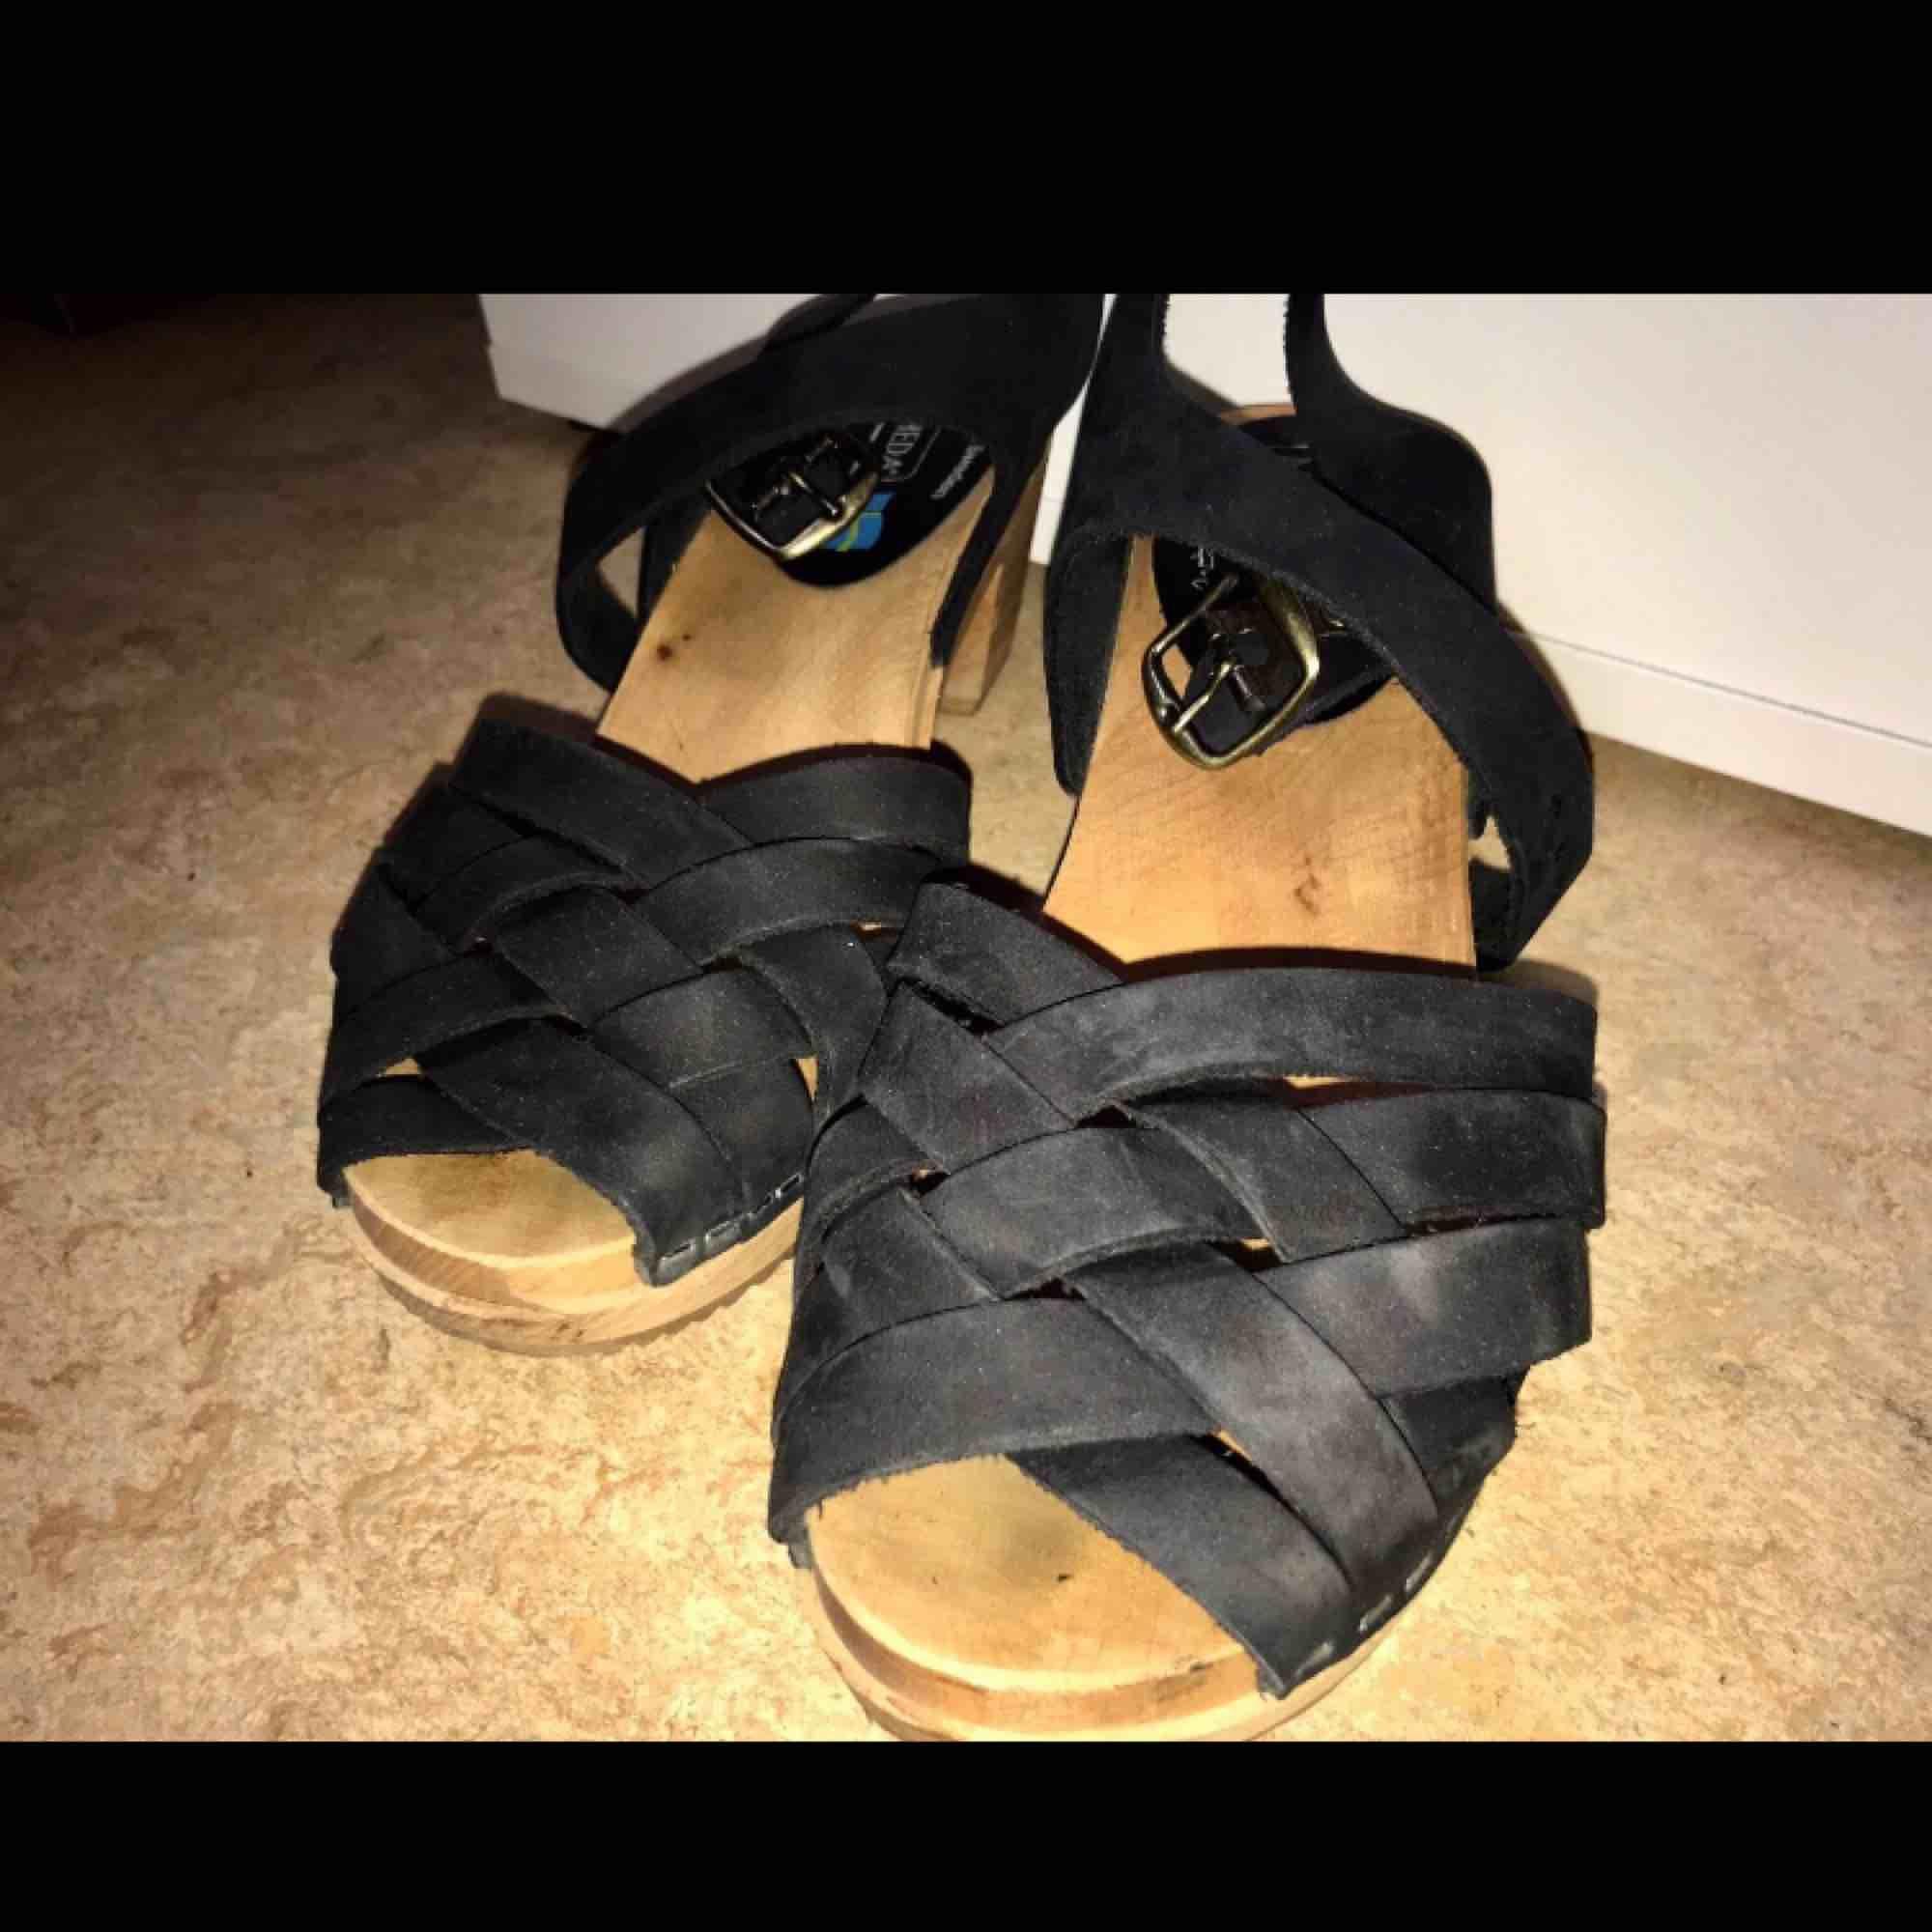 Säljer ett par Äkta moheda skor, som är köpta på sportamore.  •Stl. 39 •Använda två gånger, och i mycket bra skick:) •Har ej kvar original kartongen  Nypris: 349kr (ordinarie pris: 599kr). Skor.